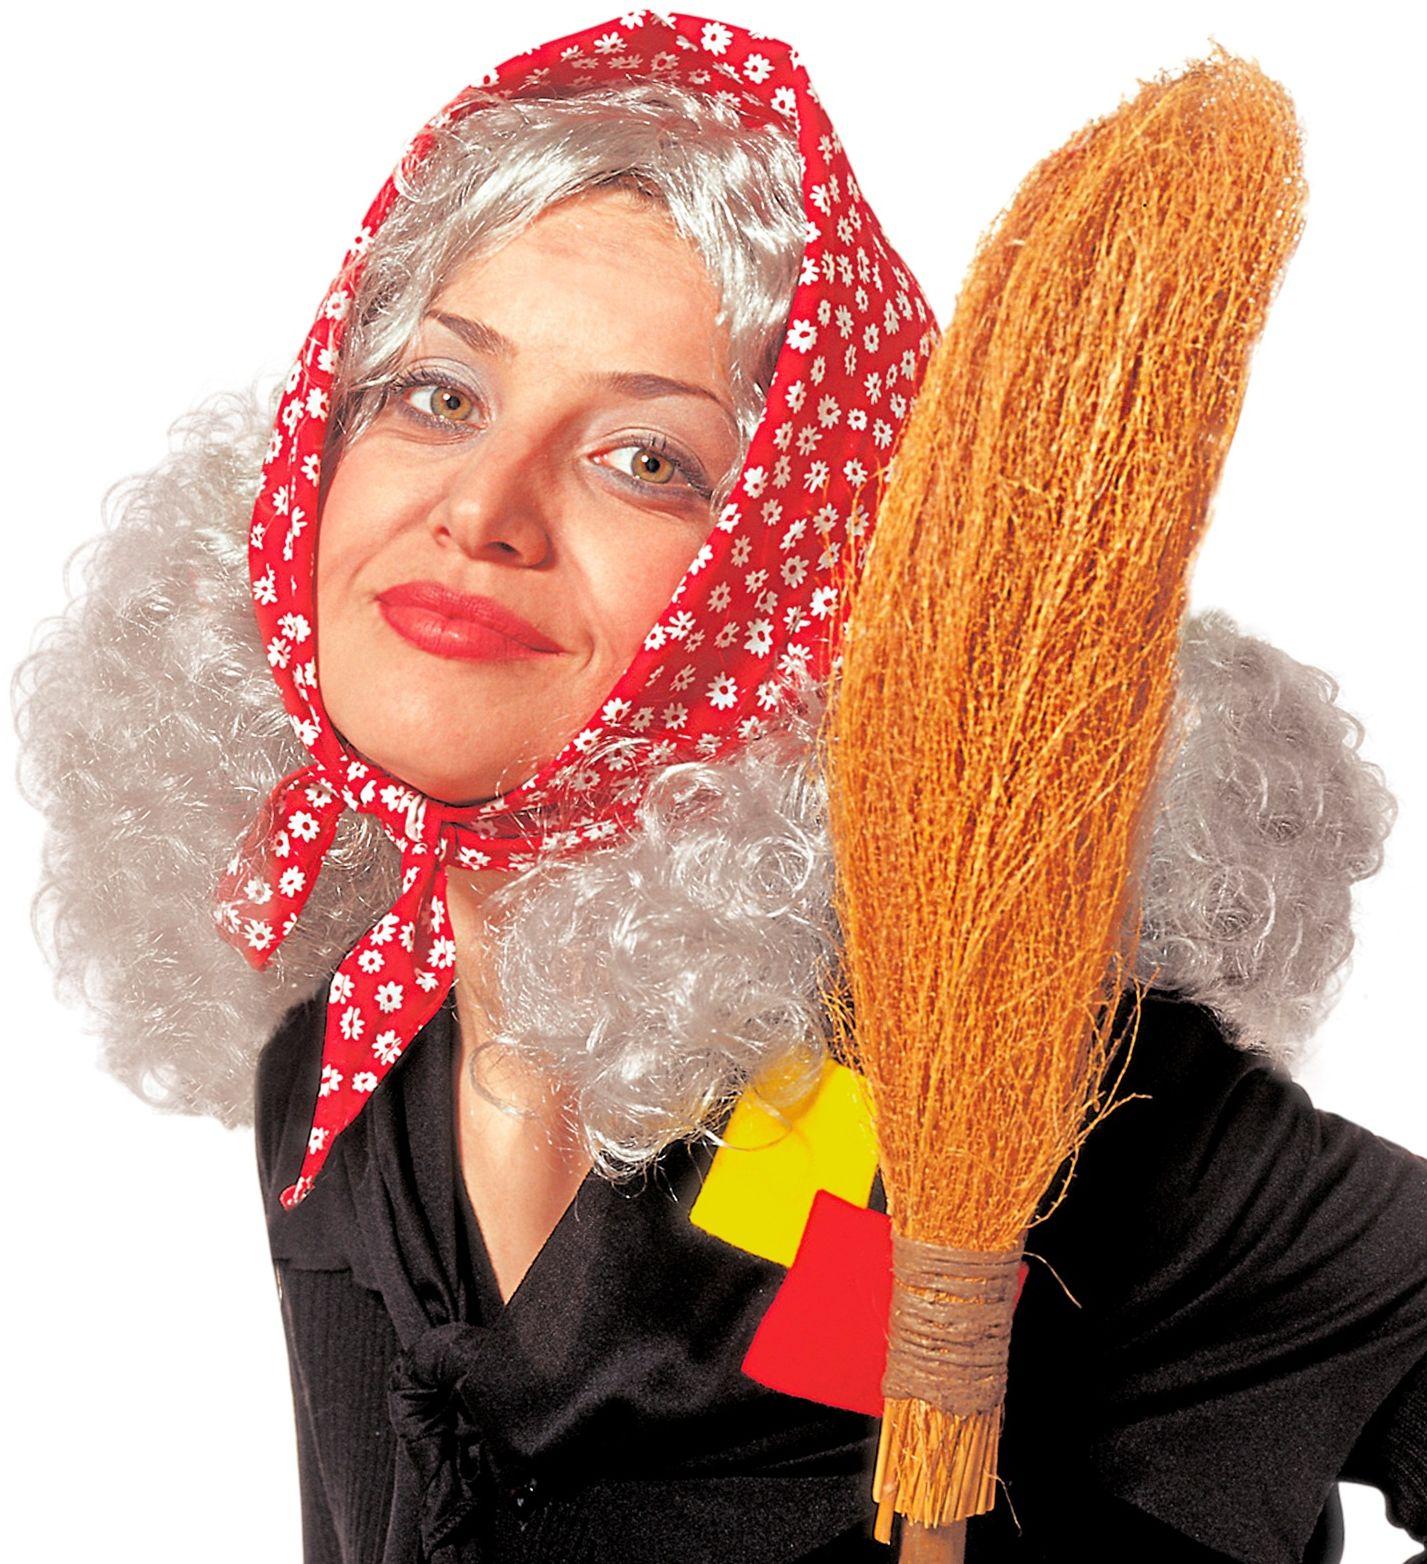 Grijze heksen pruik met hoofddoek